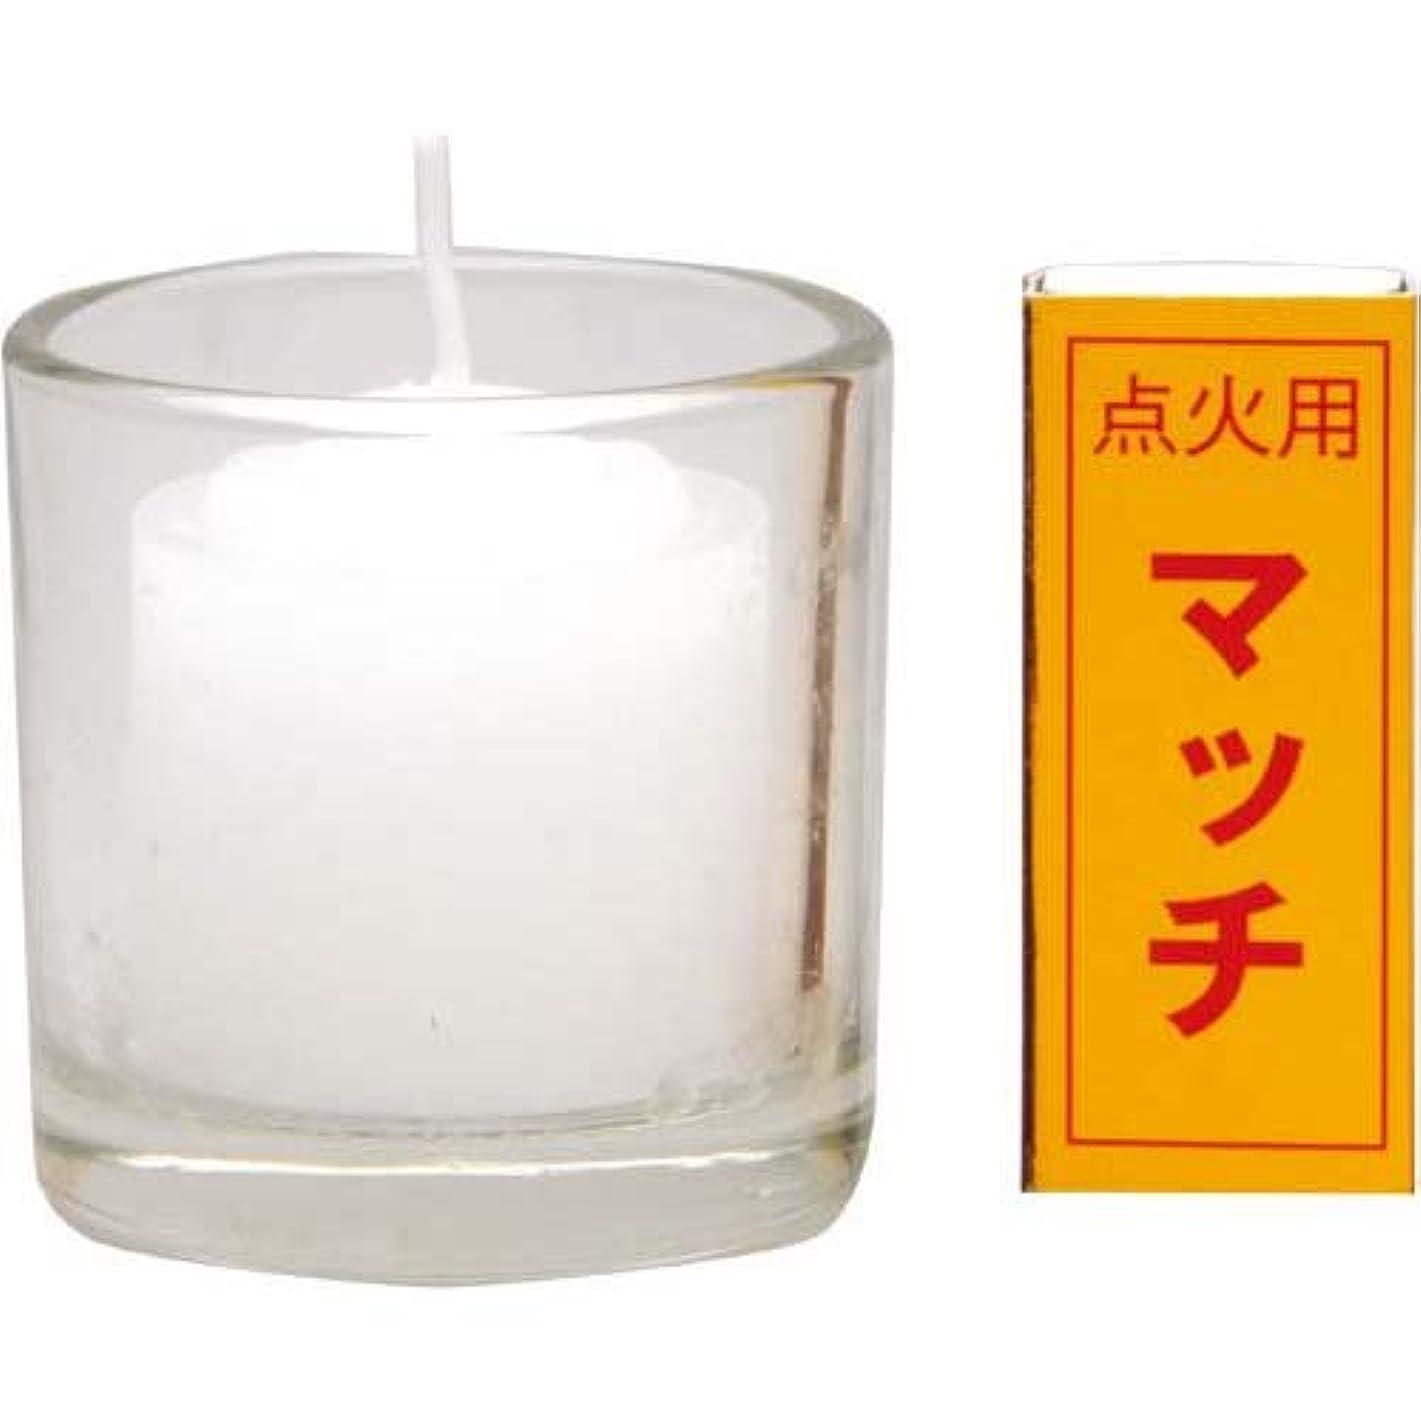 悲しいパケット泣くコップローソク 1個入(マッチ付)